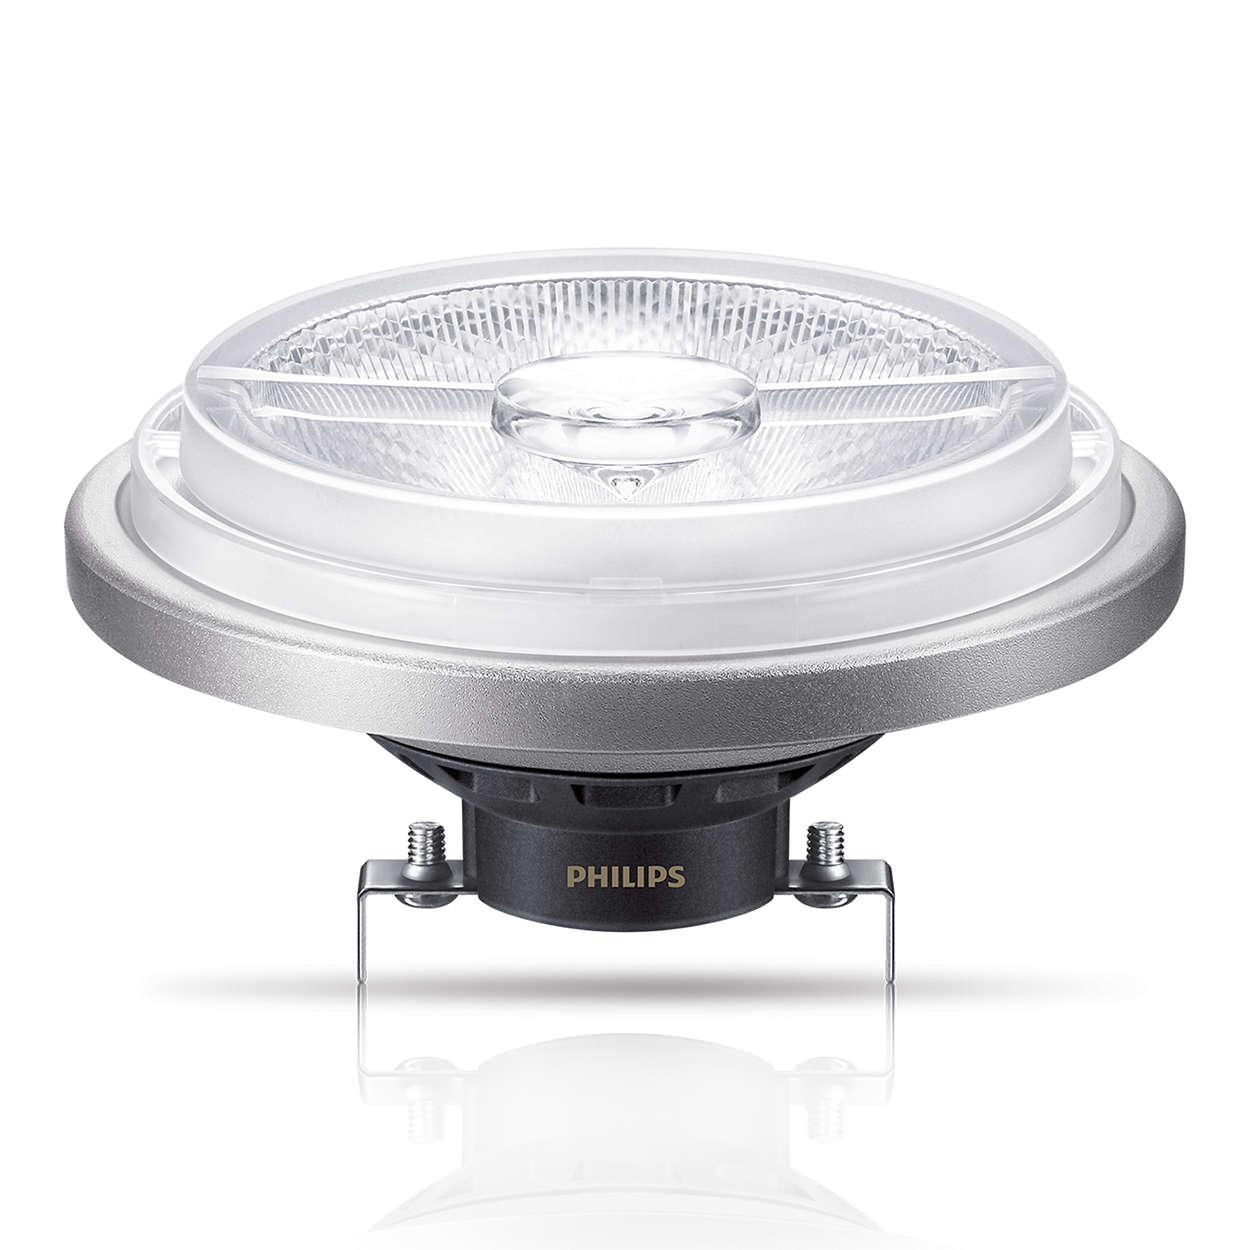 master ledspot ar111 niedervolt reflektorlampen led lampen philips lighting. Black Bedroom Furniture Sets. Home Design Ideas